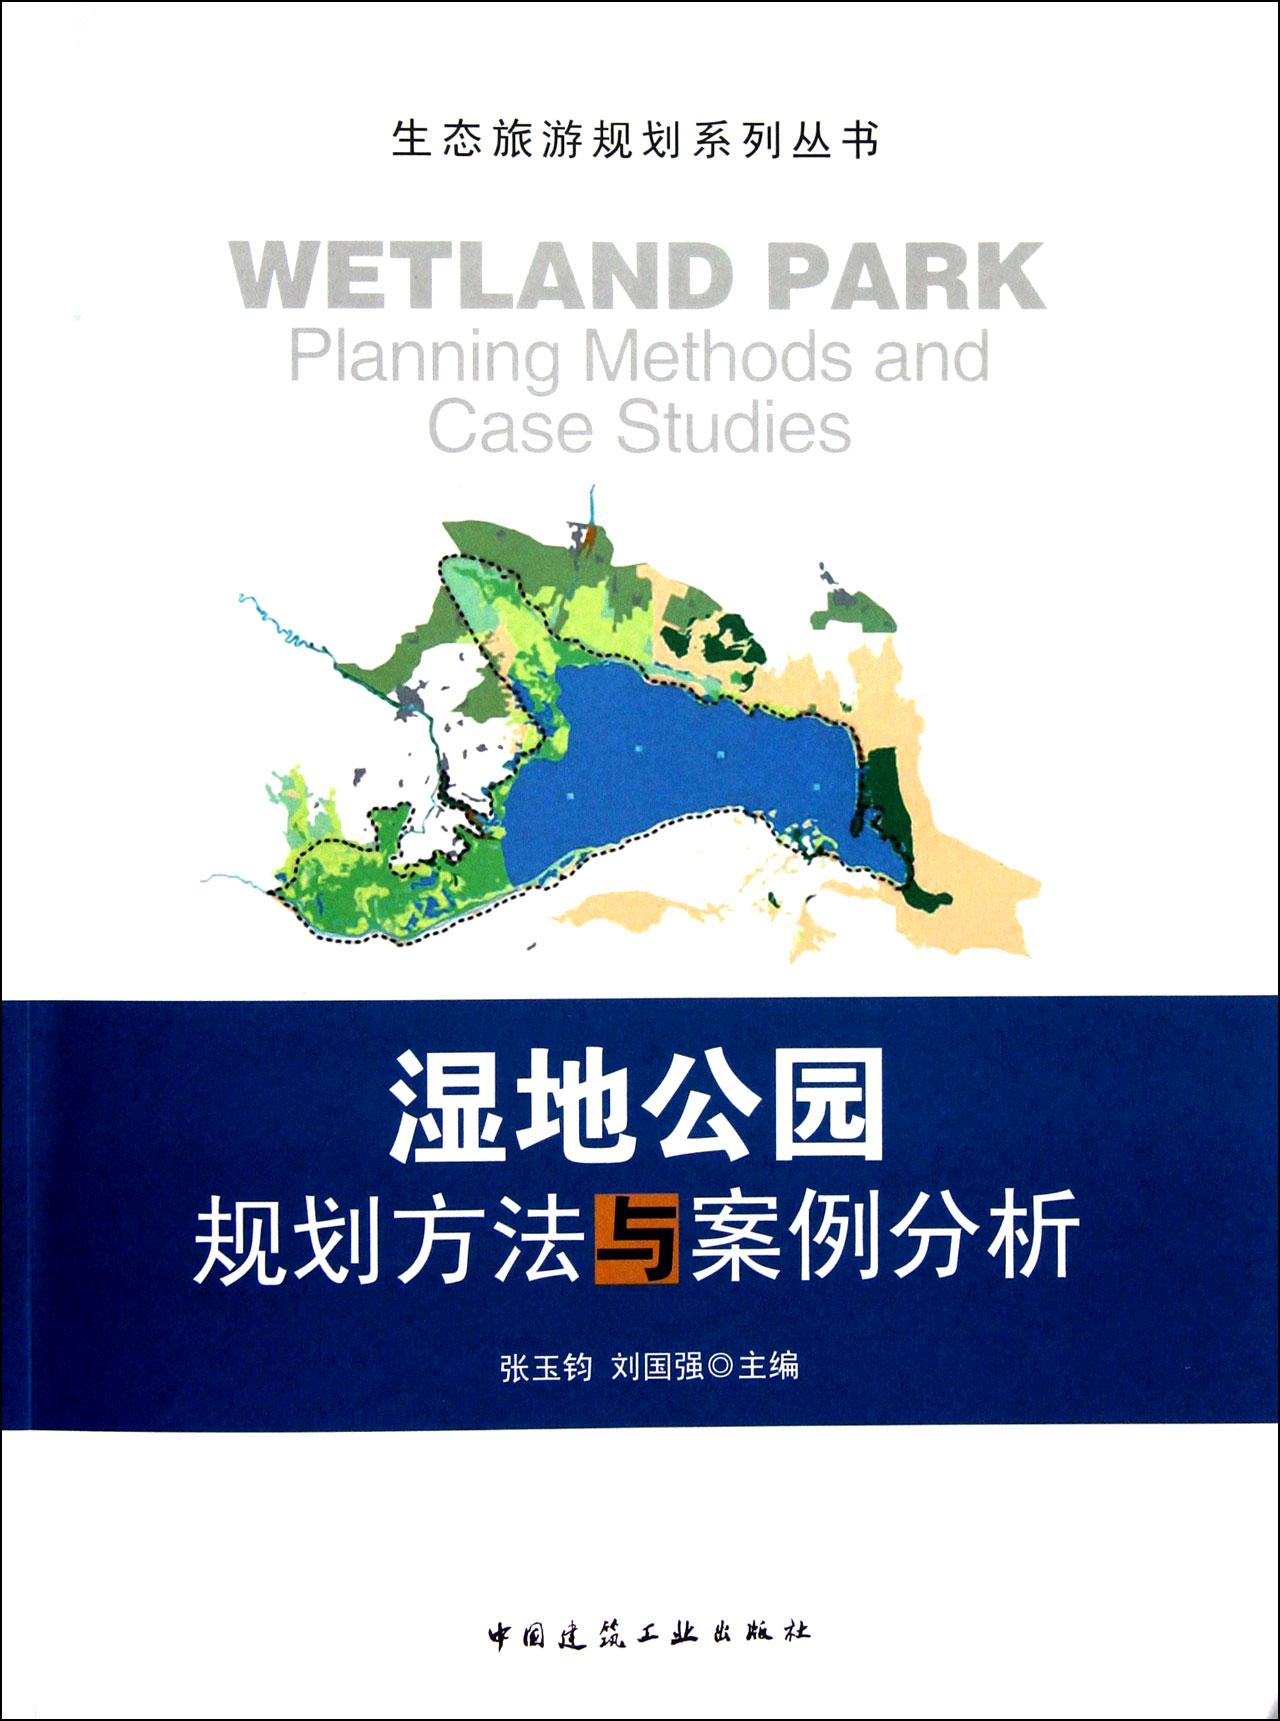 湿地公园规划方法与案例分析/生态旅游规划系列丛书